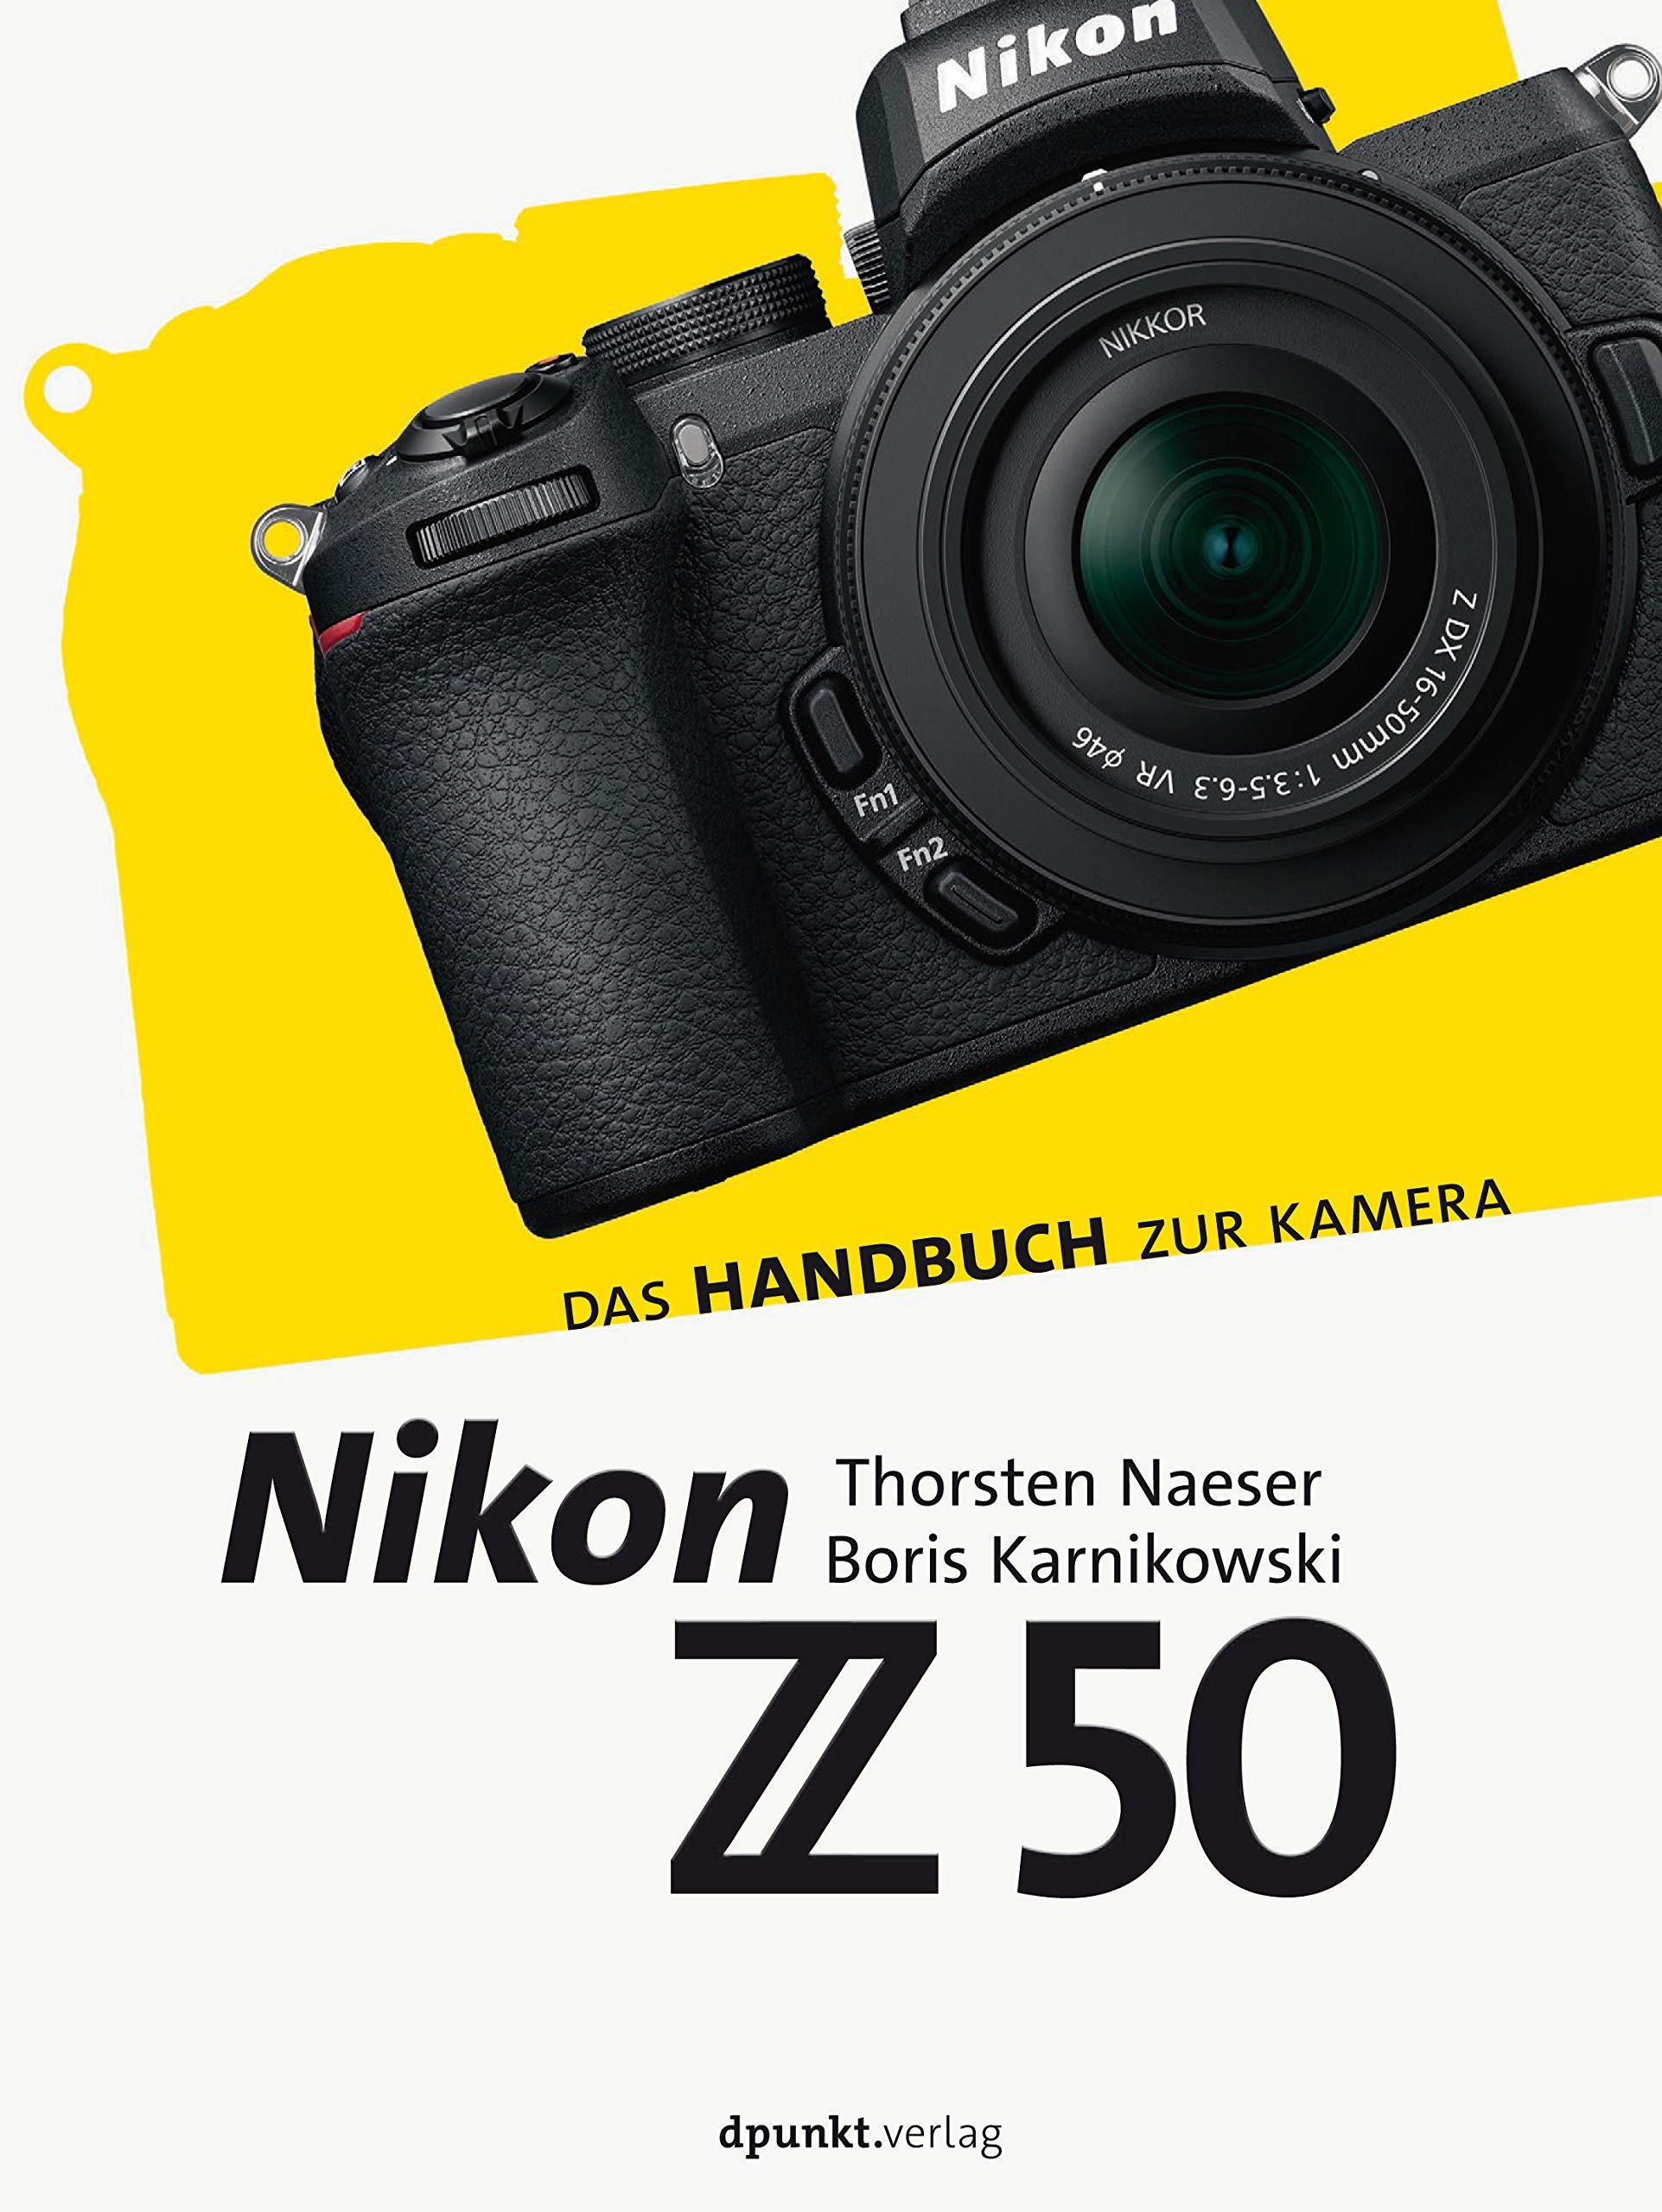 Nikon Z 50 Das Handbuch Zur Kamera Dpunkt Kamerabuch Naeser Thorsten Karnikowski Boris Bücher